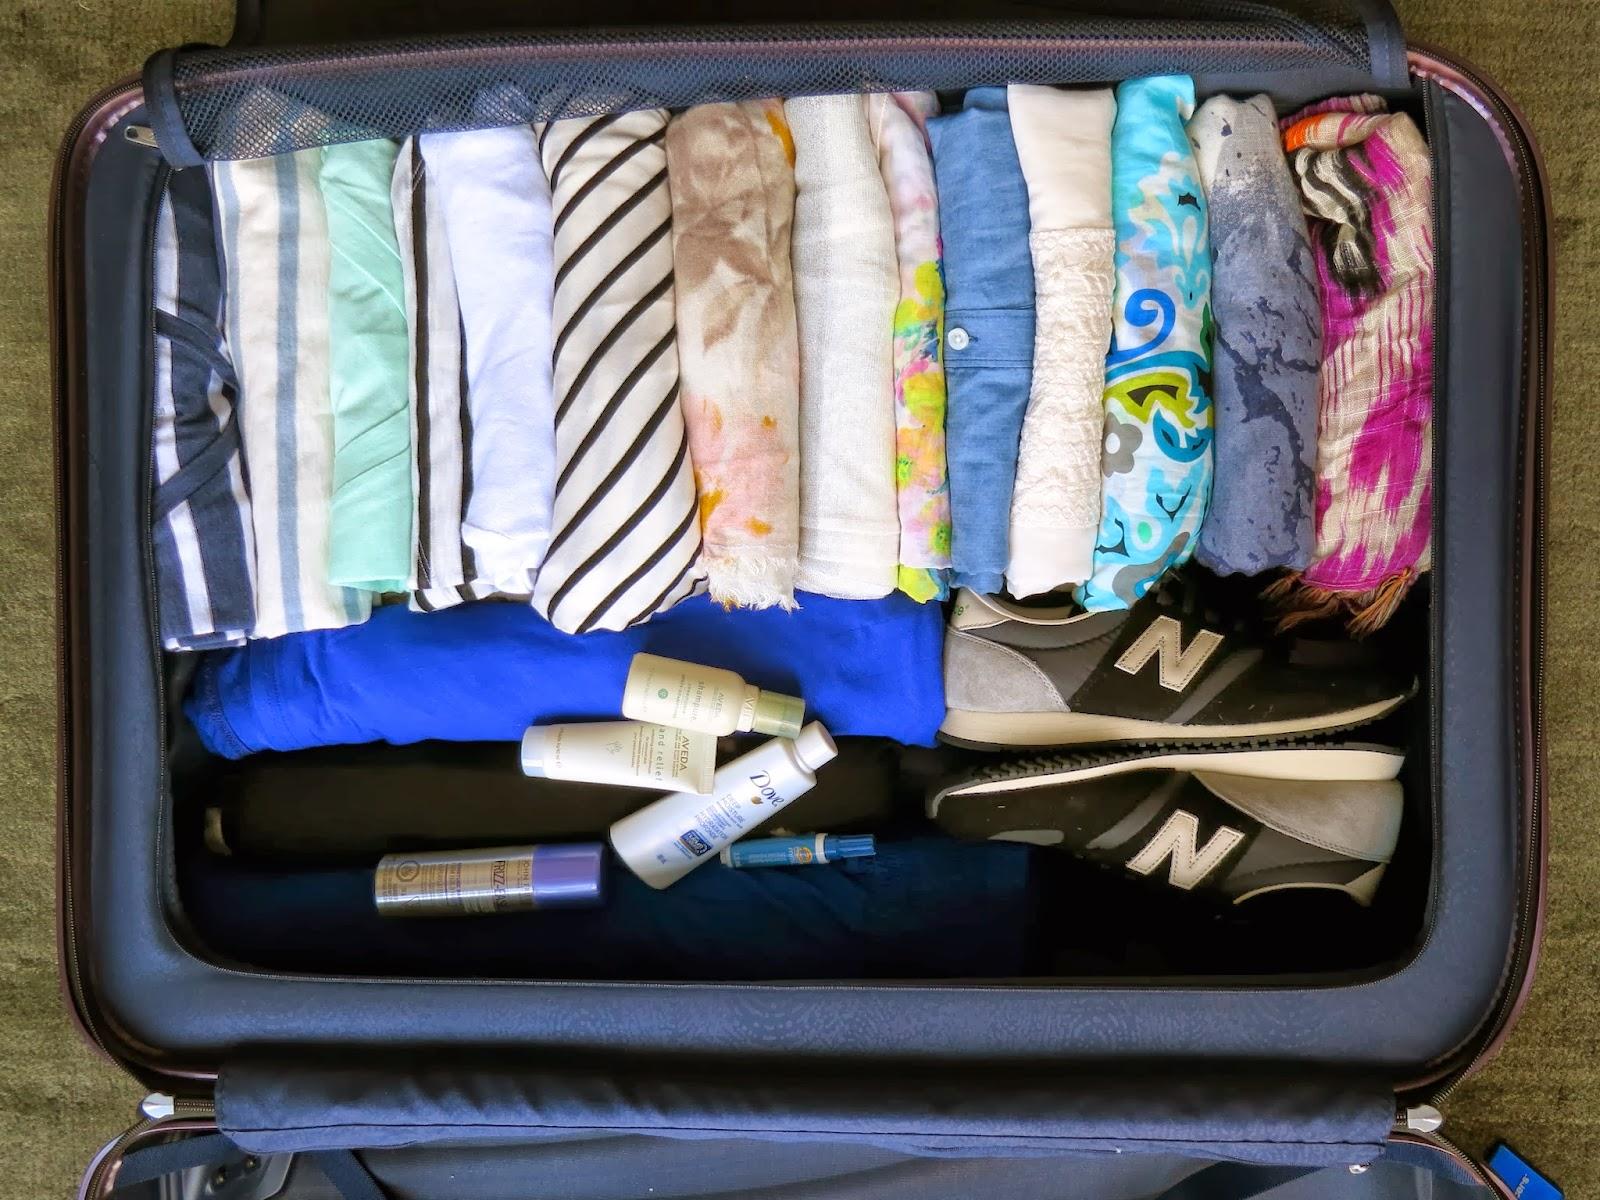 правильно уложенный чемодан